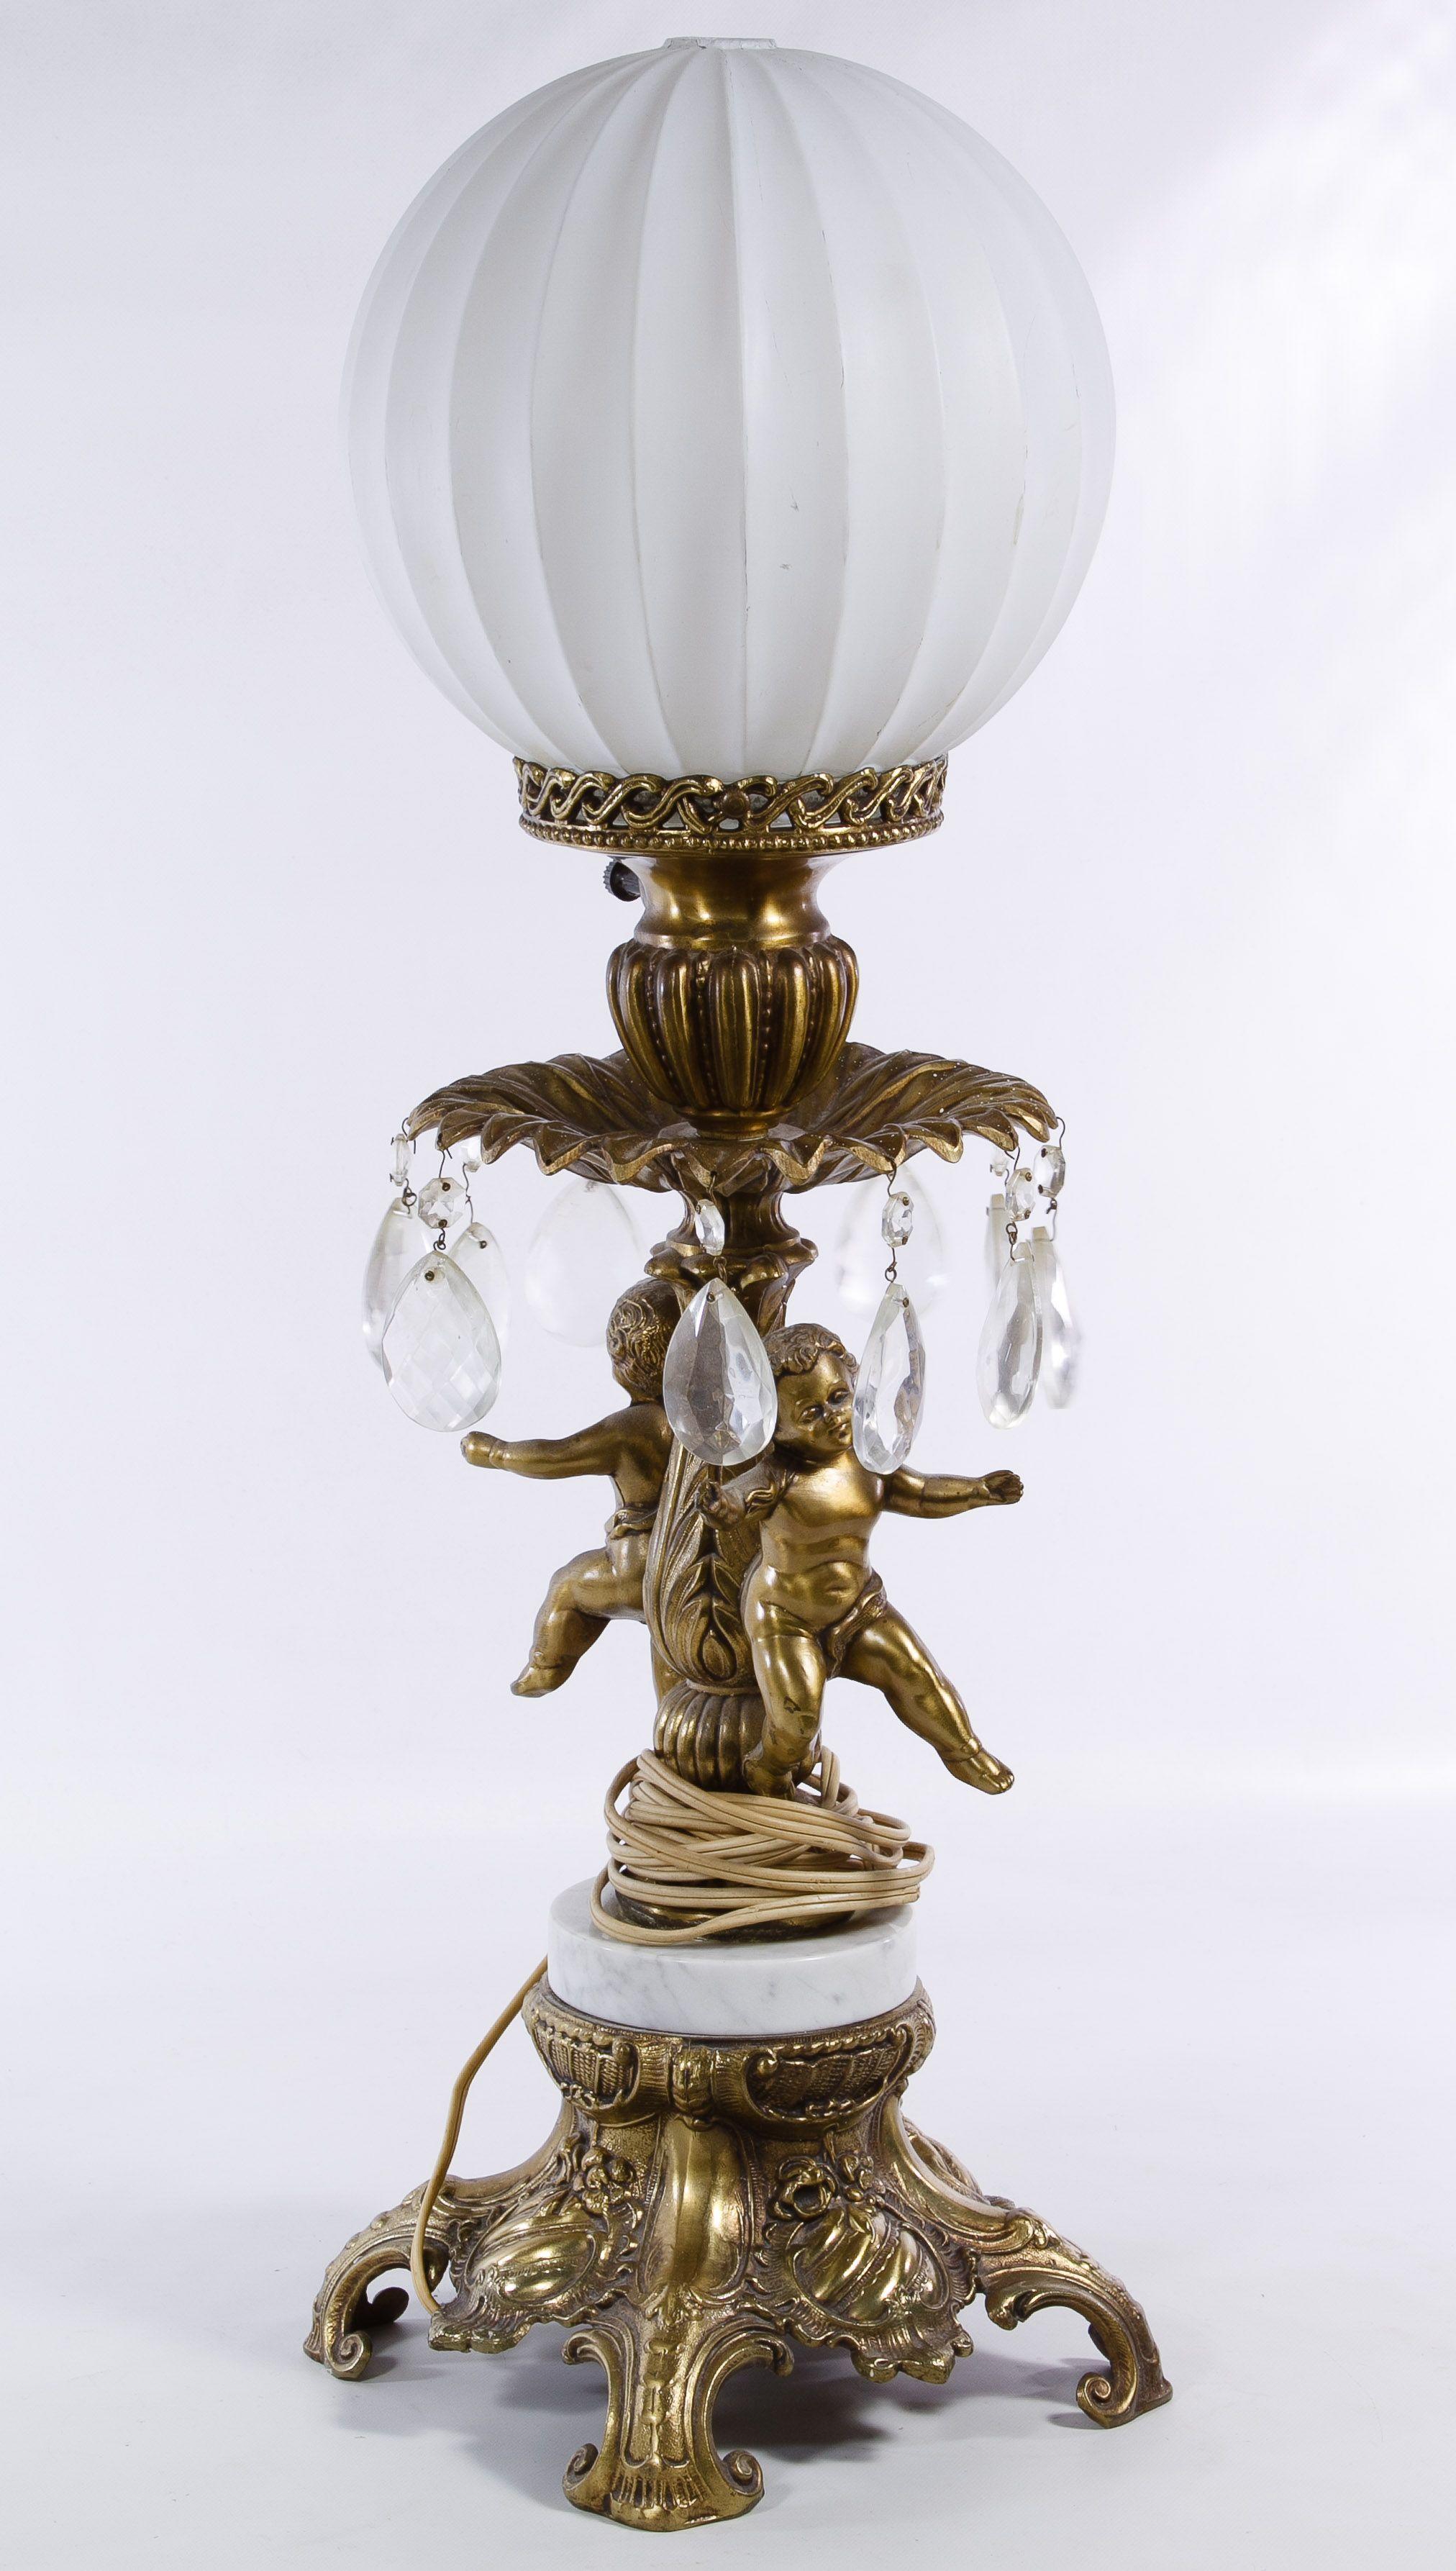 Vintage Gilt Cherub Figure Table Lamp